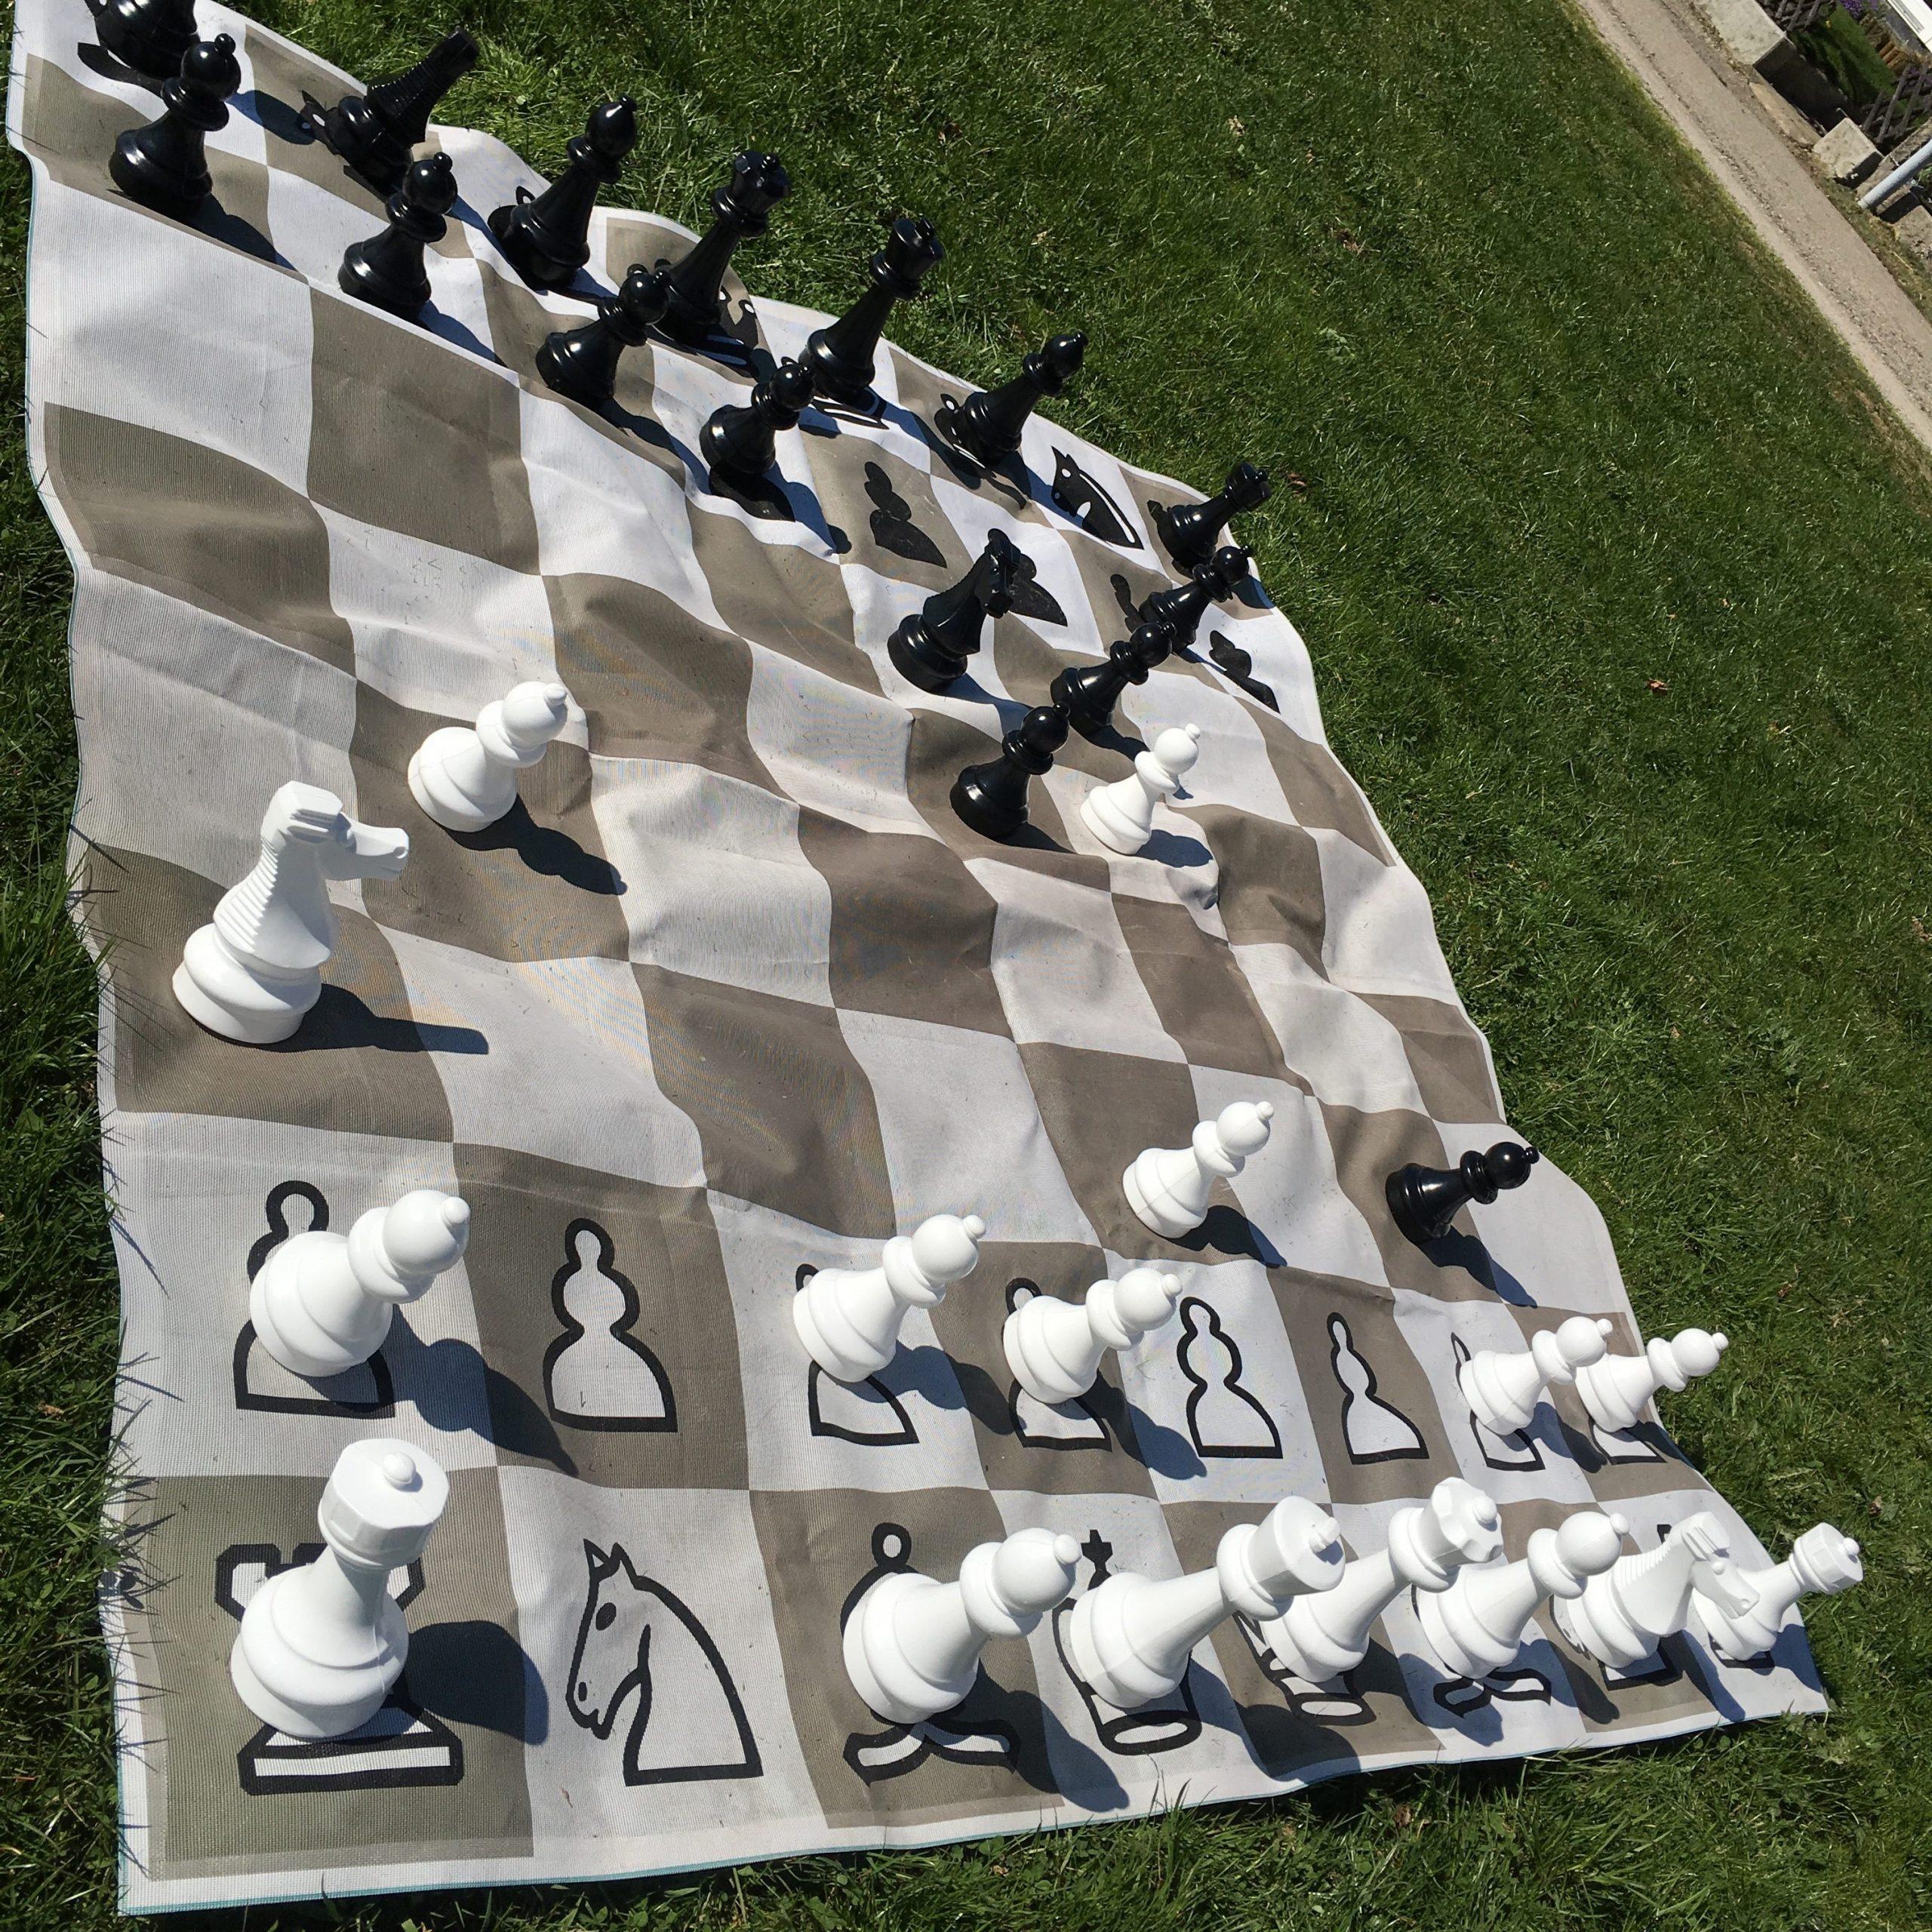 XXL Schachspiel aus Wangen im Allgäu